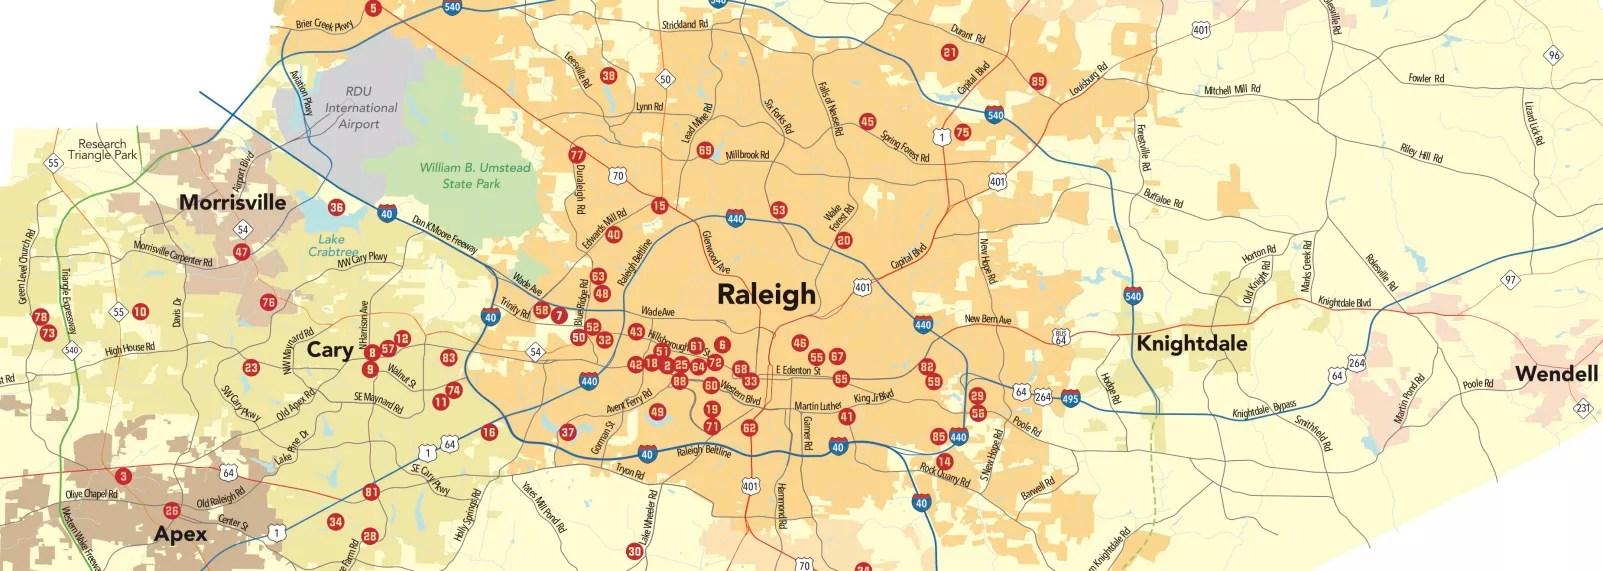 Printable Calendars of Events Happening in Raleigh, N.C.